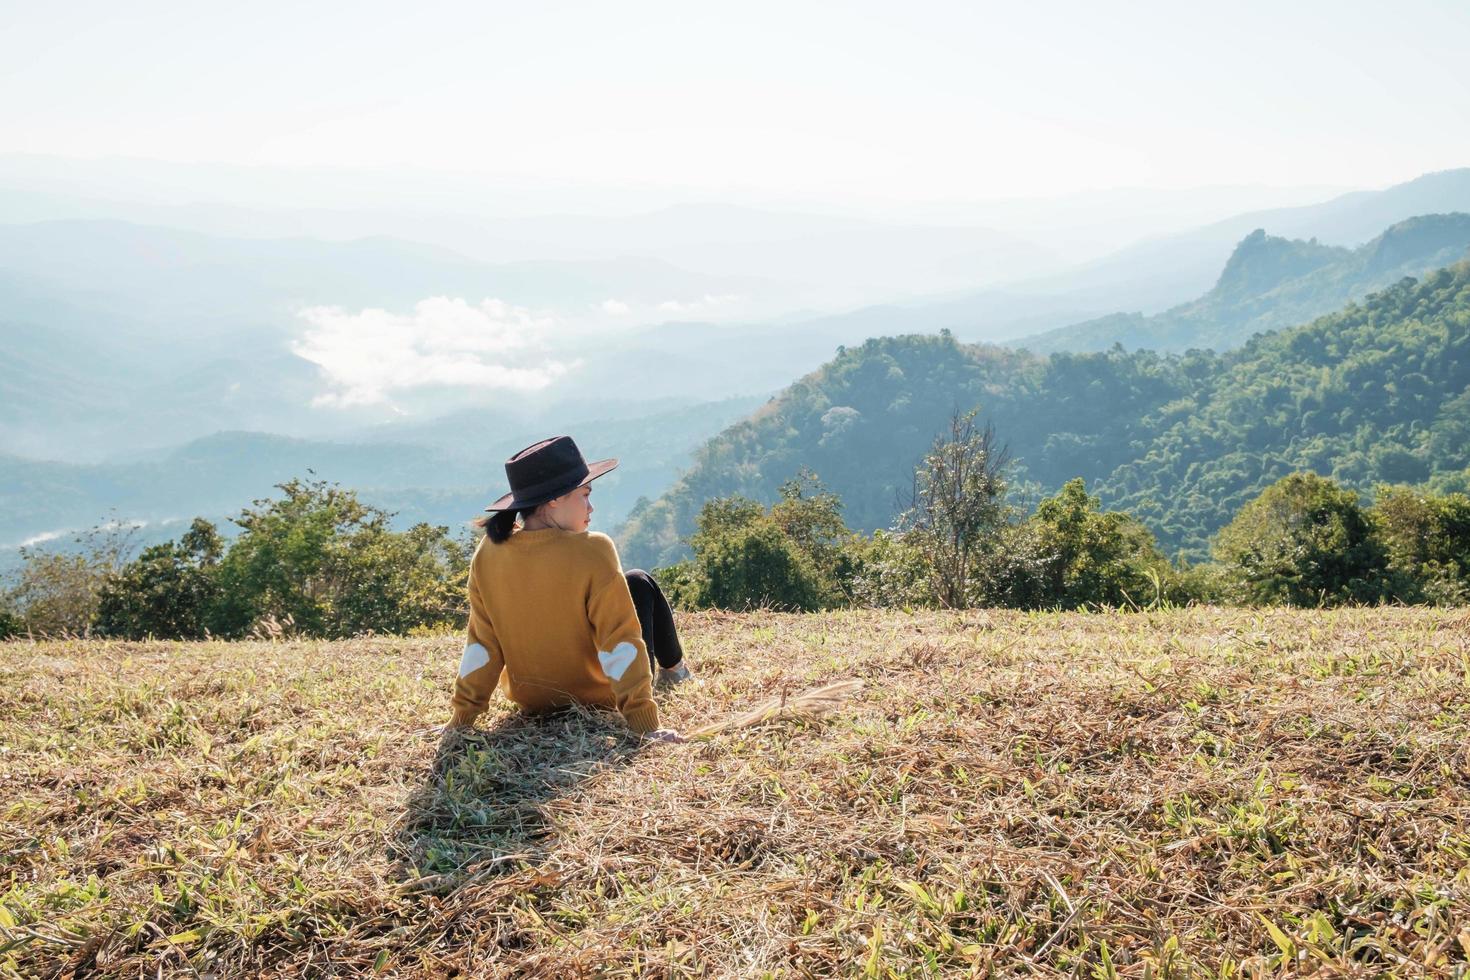 vrouw zitten en genieten van het uitzicht foto